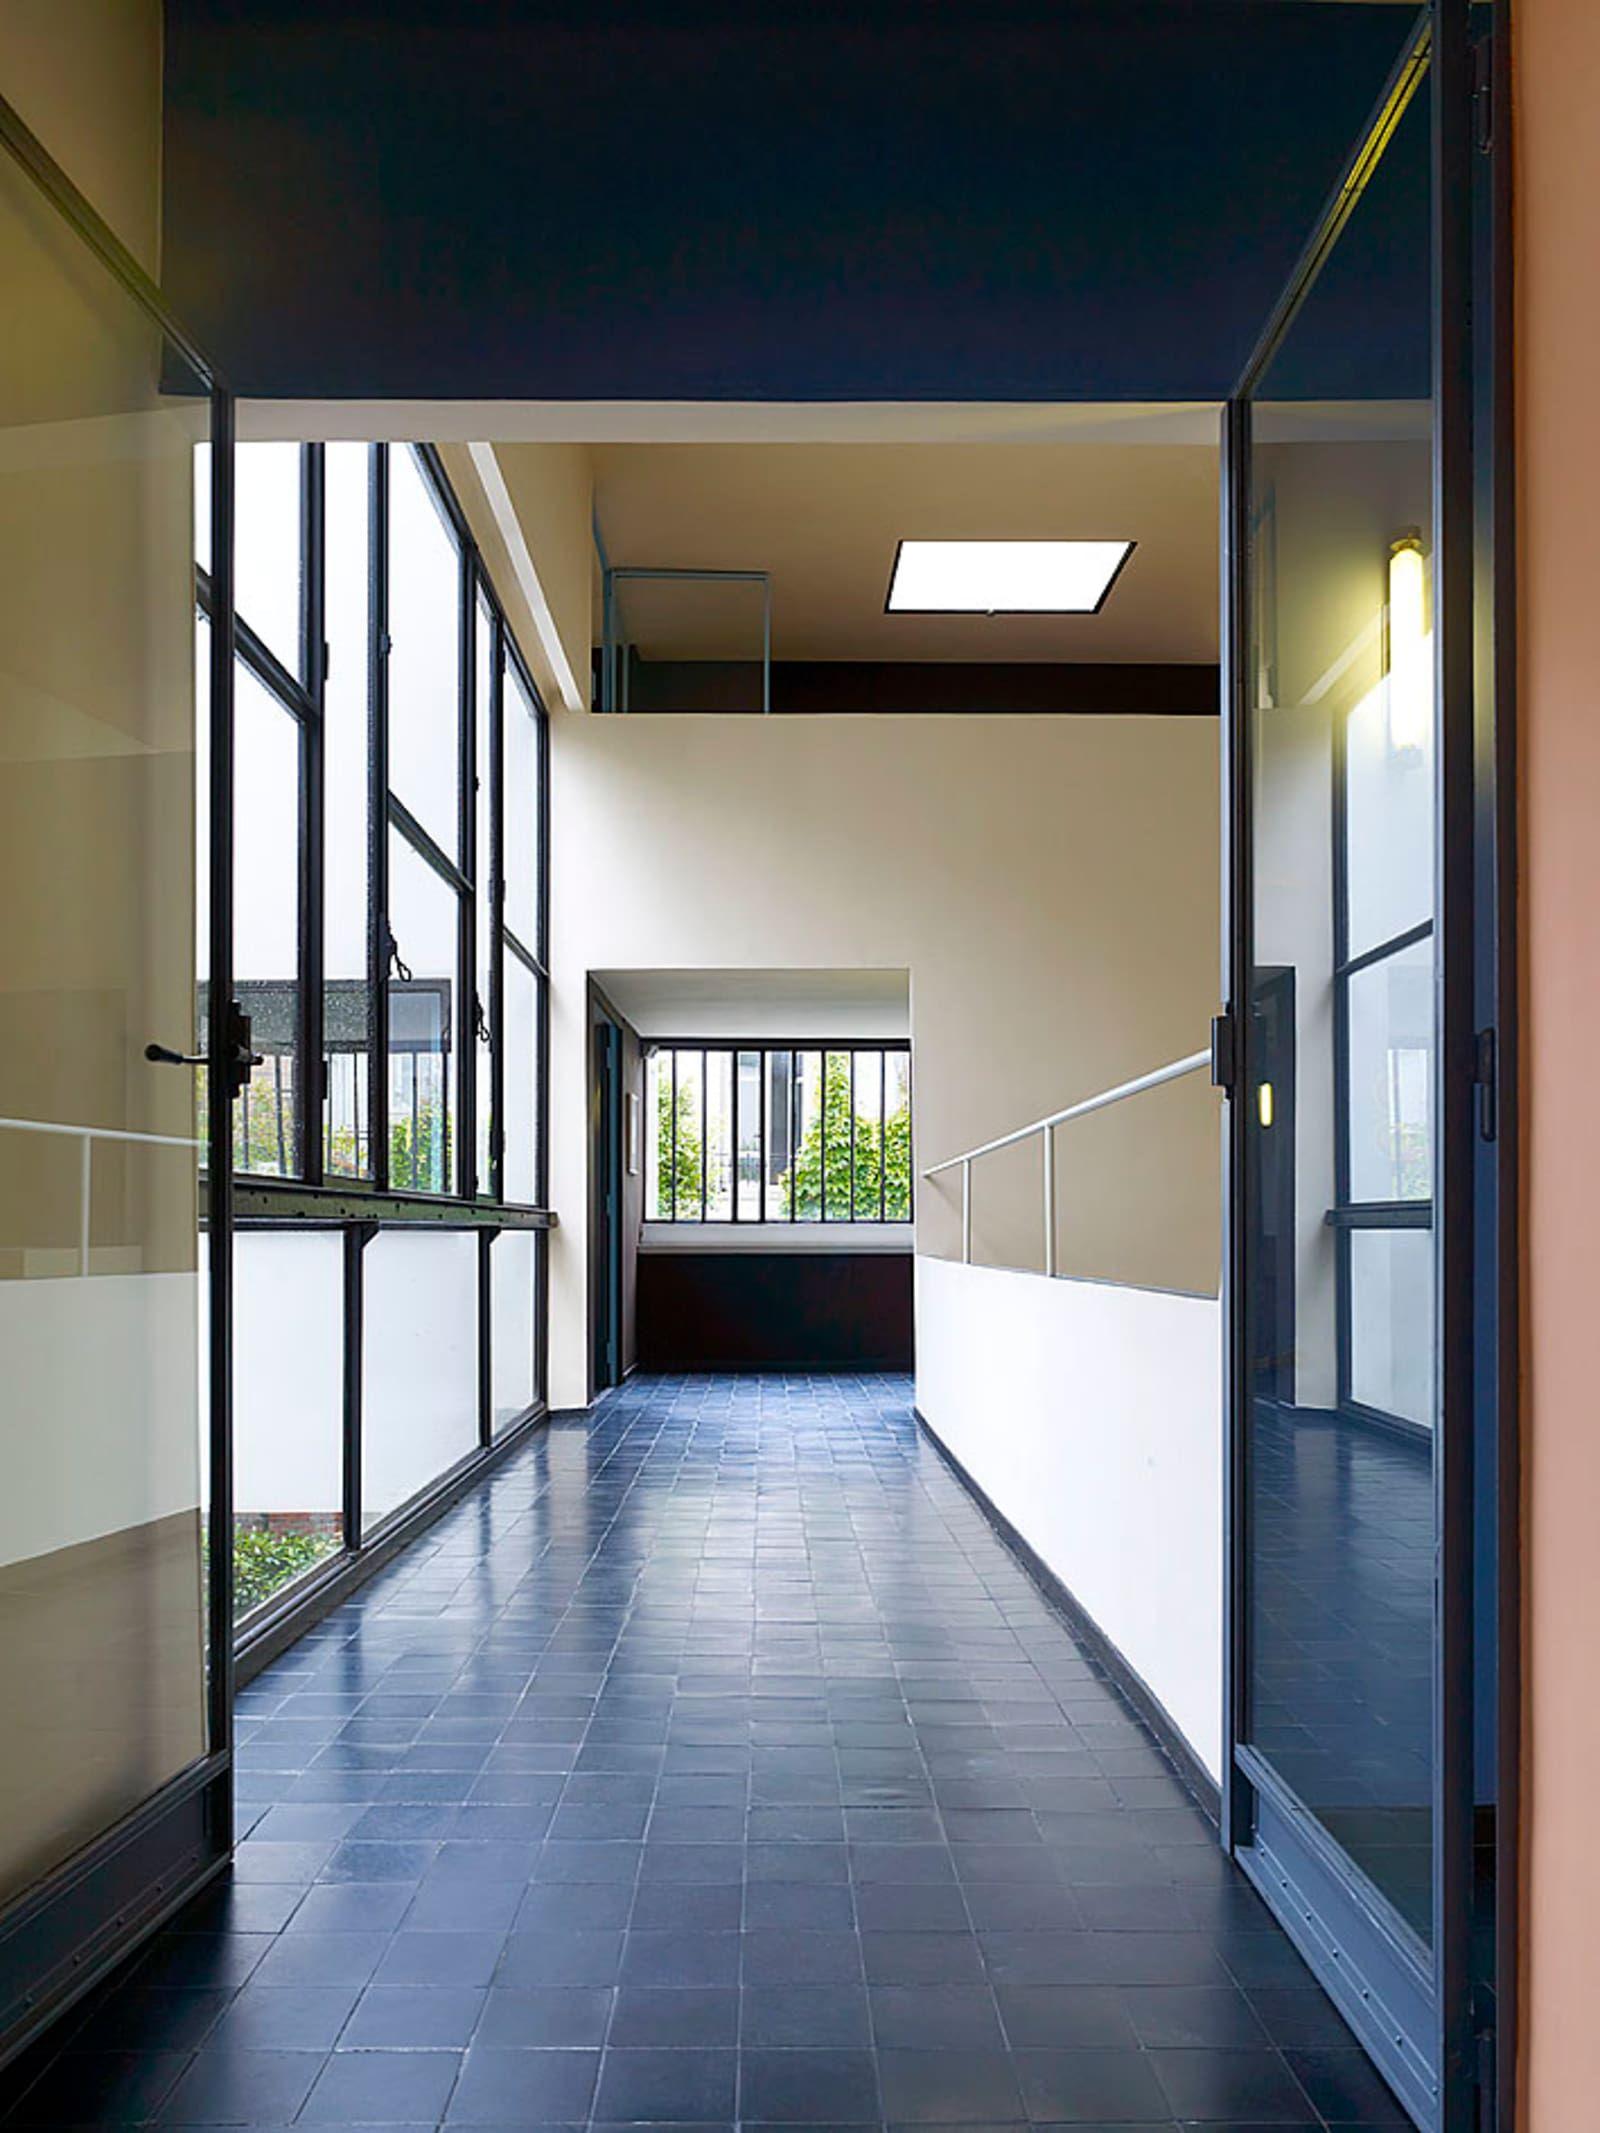 Maison La Roche Corbusier Paris le corbusier, cemal emden · maisons la roche-jeanneret | le